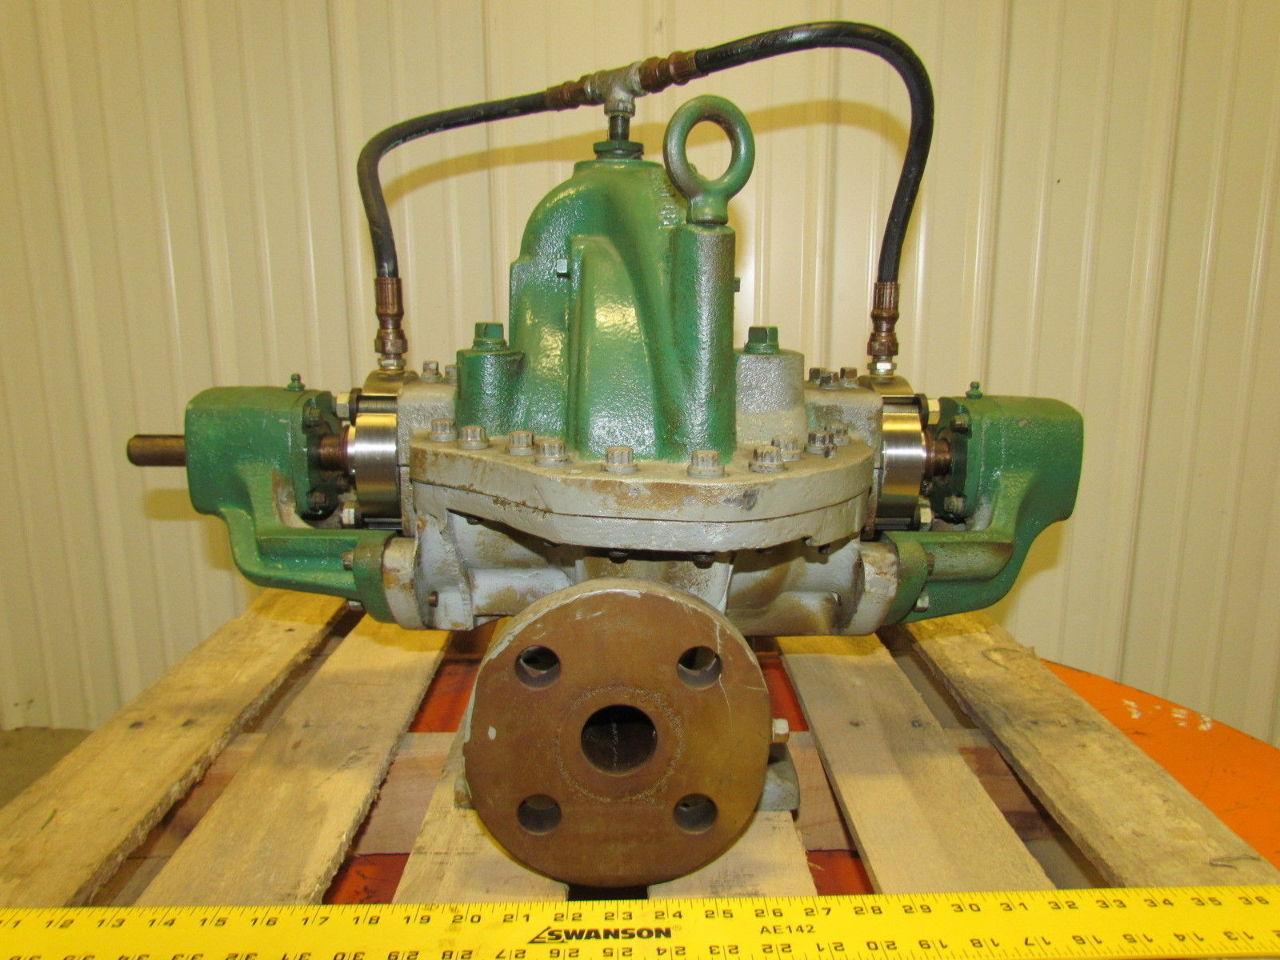 Ingersoll Dresser 2 5x1 5x9 Gtb Centrifugal Pump Cast